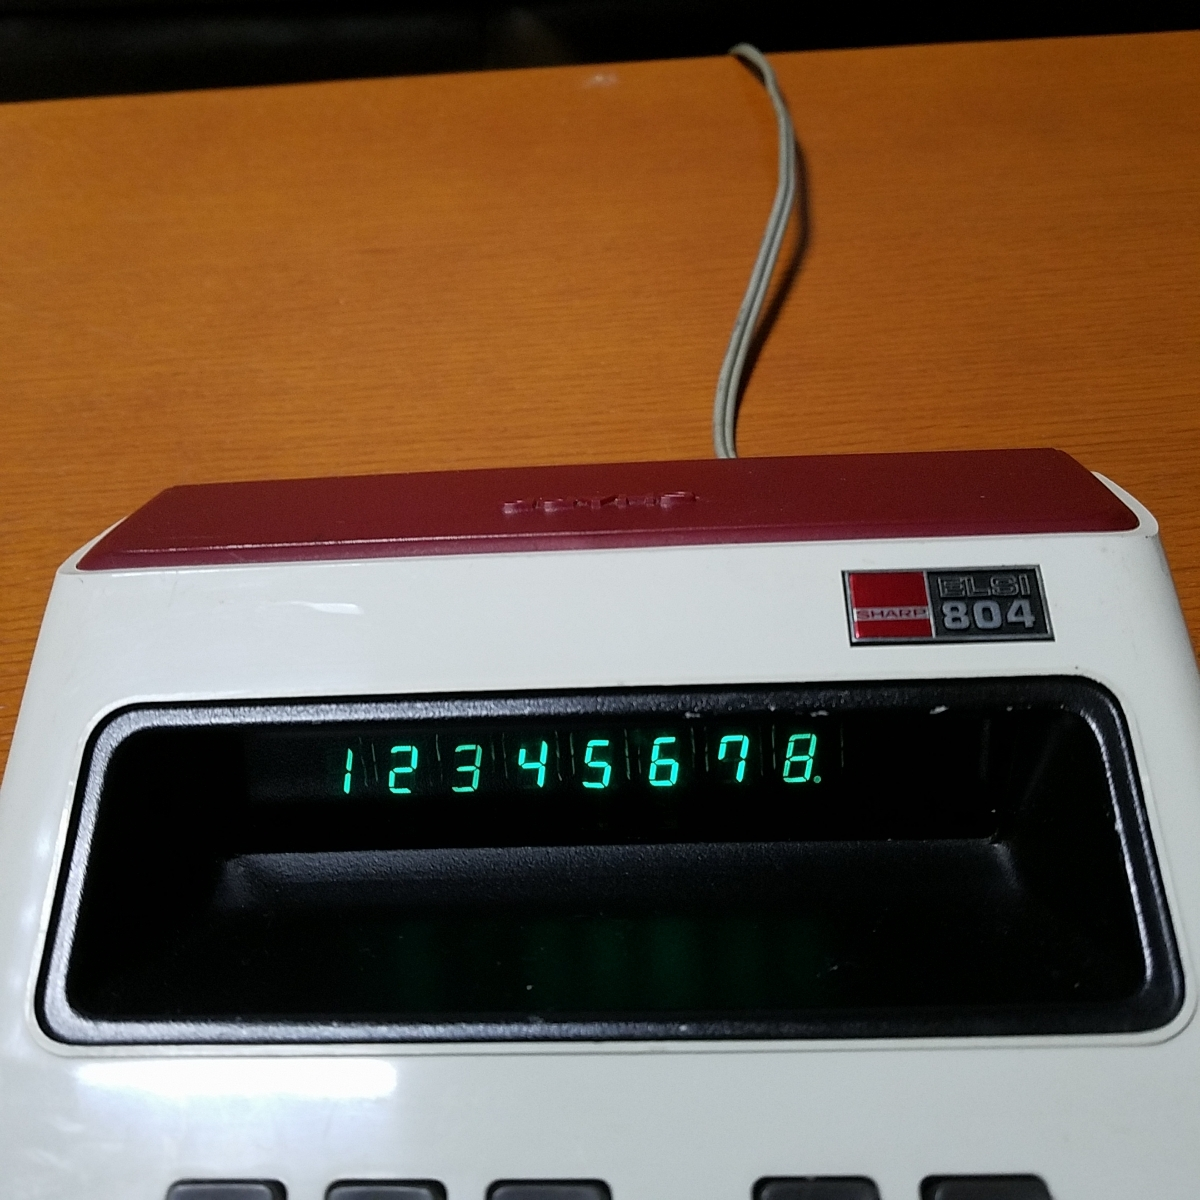 1973年製 希少 昭和レトロ SHARP シャープ EL-804 電光掲示電卓 計算機 日本製_画像2